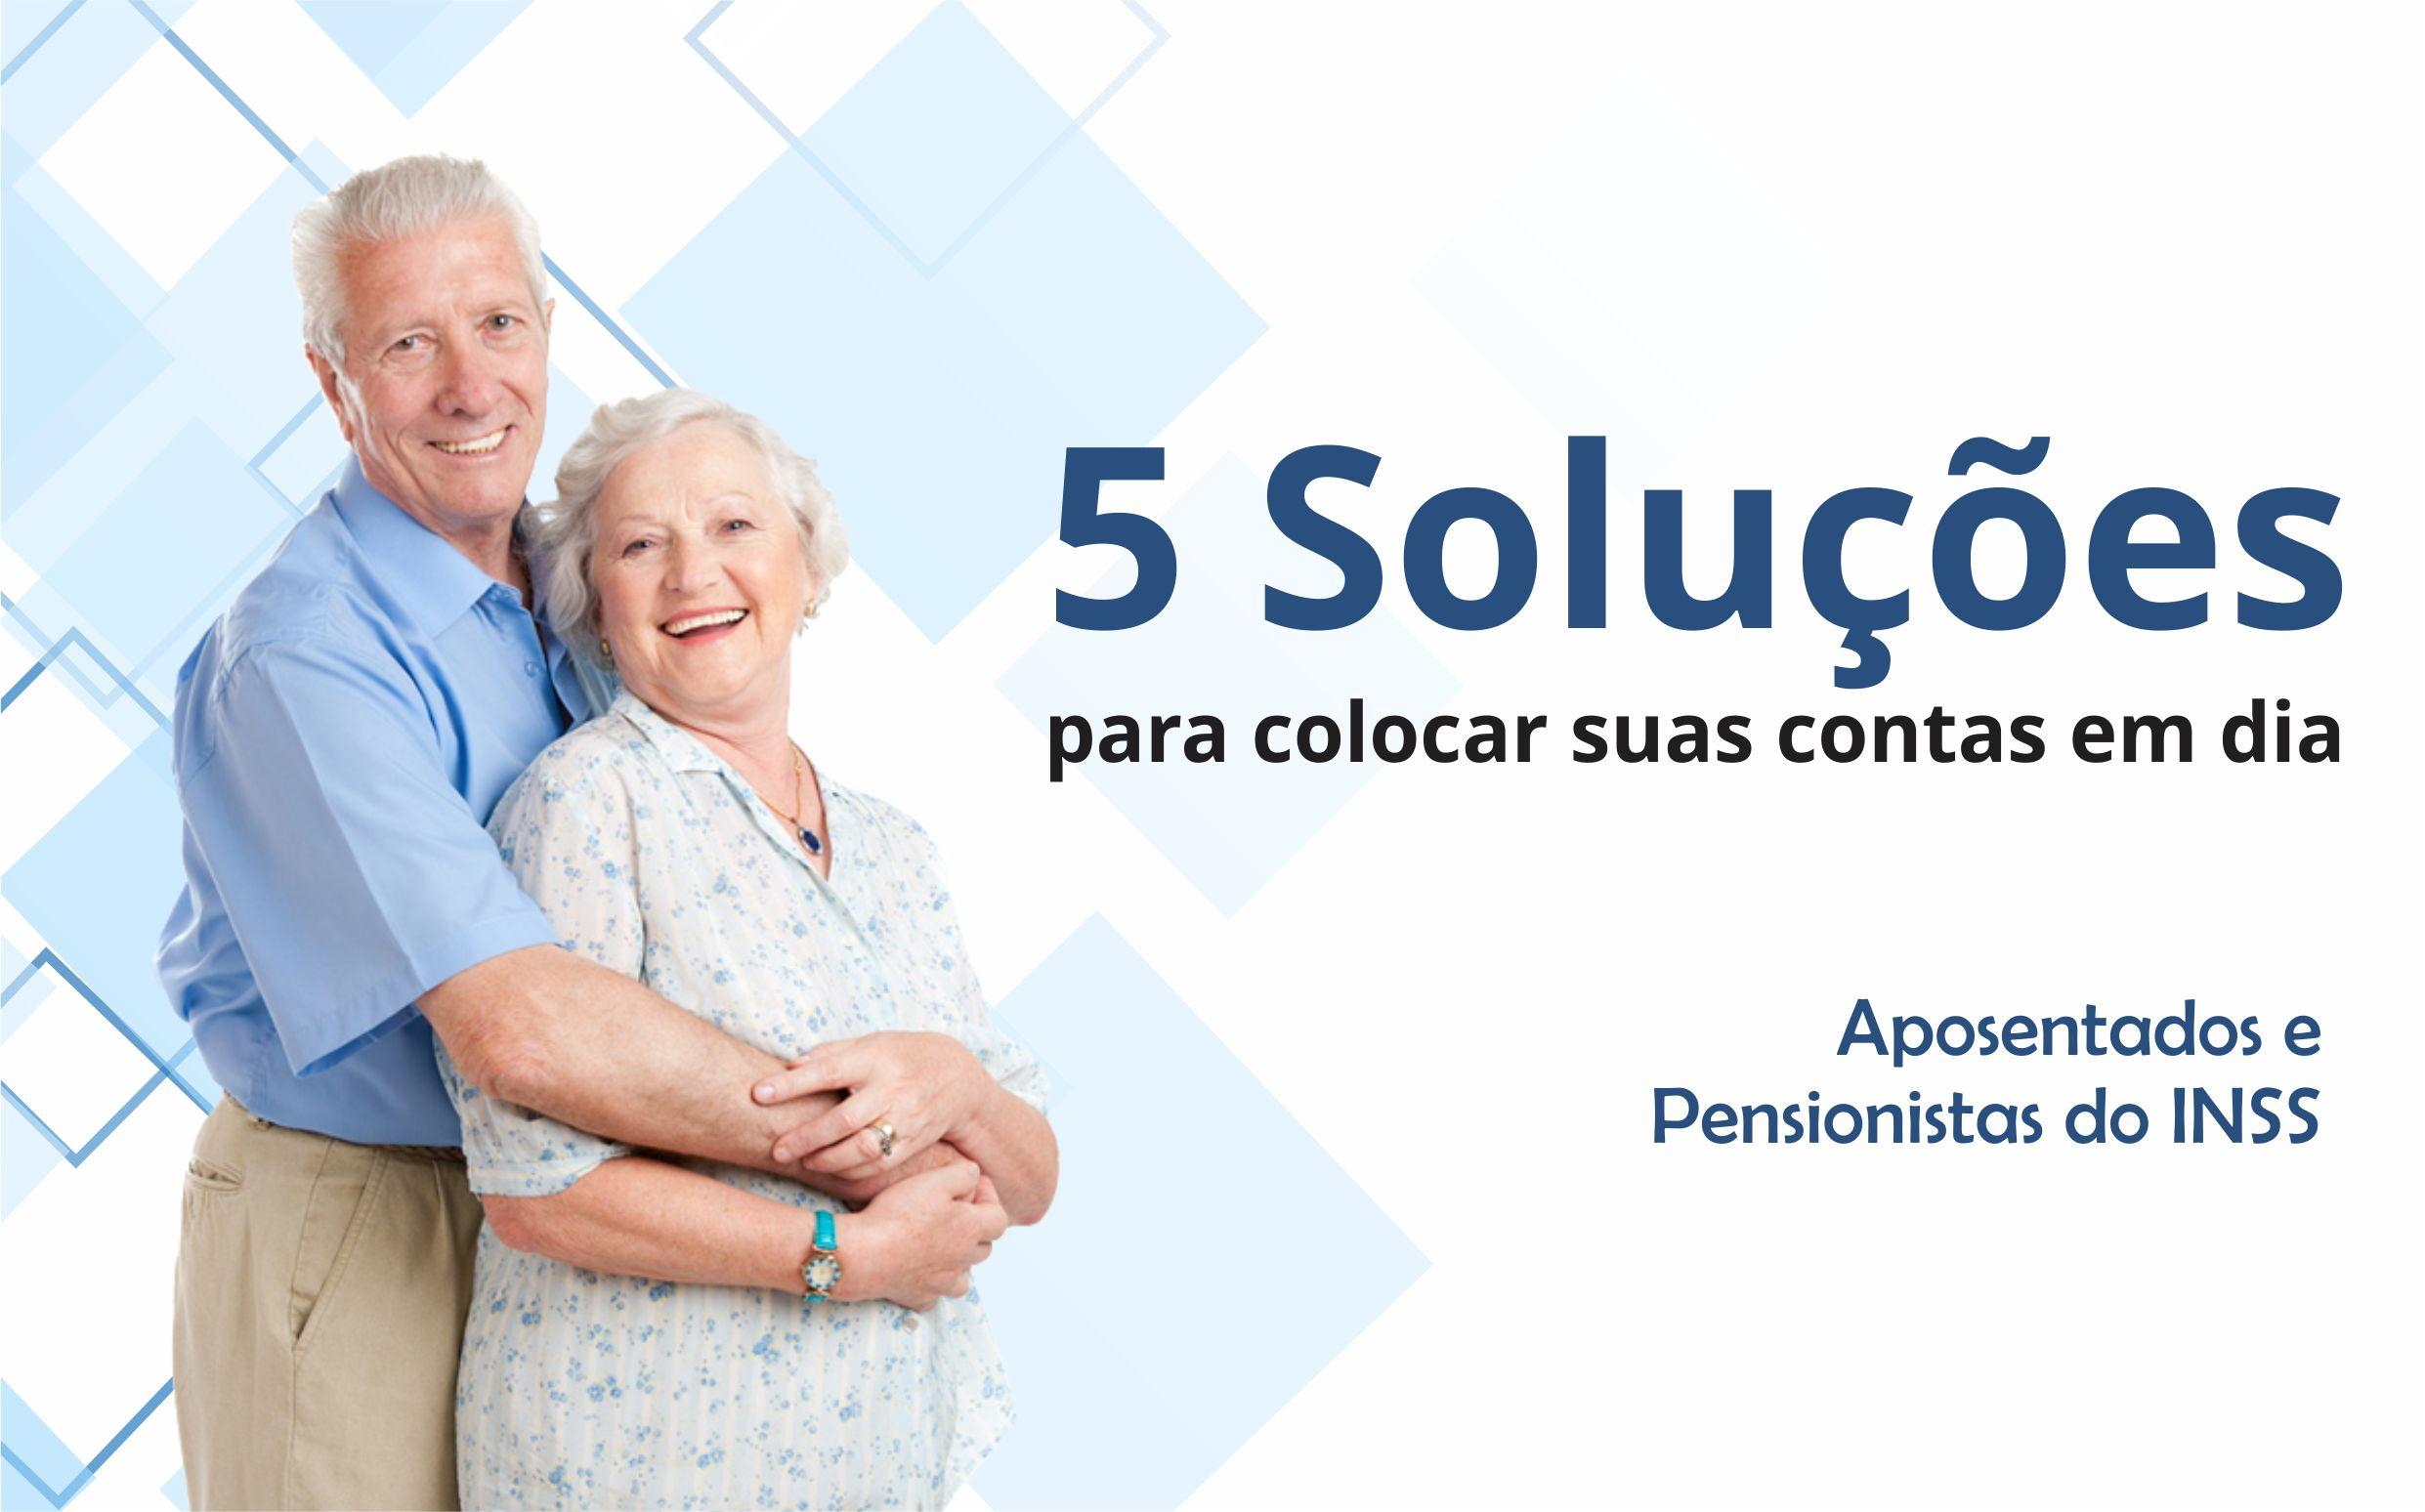 inss-aposentado-pensionista.jpg